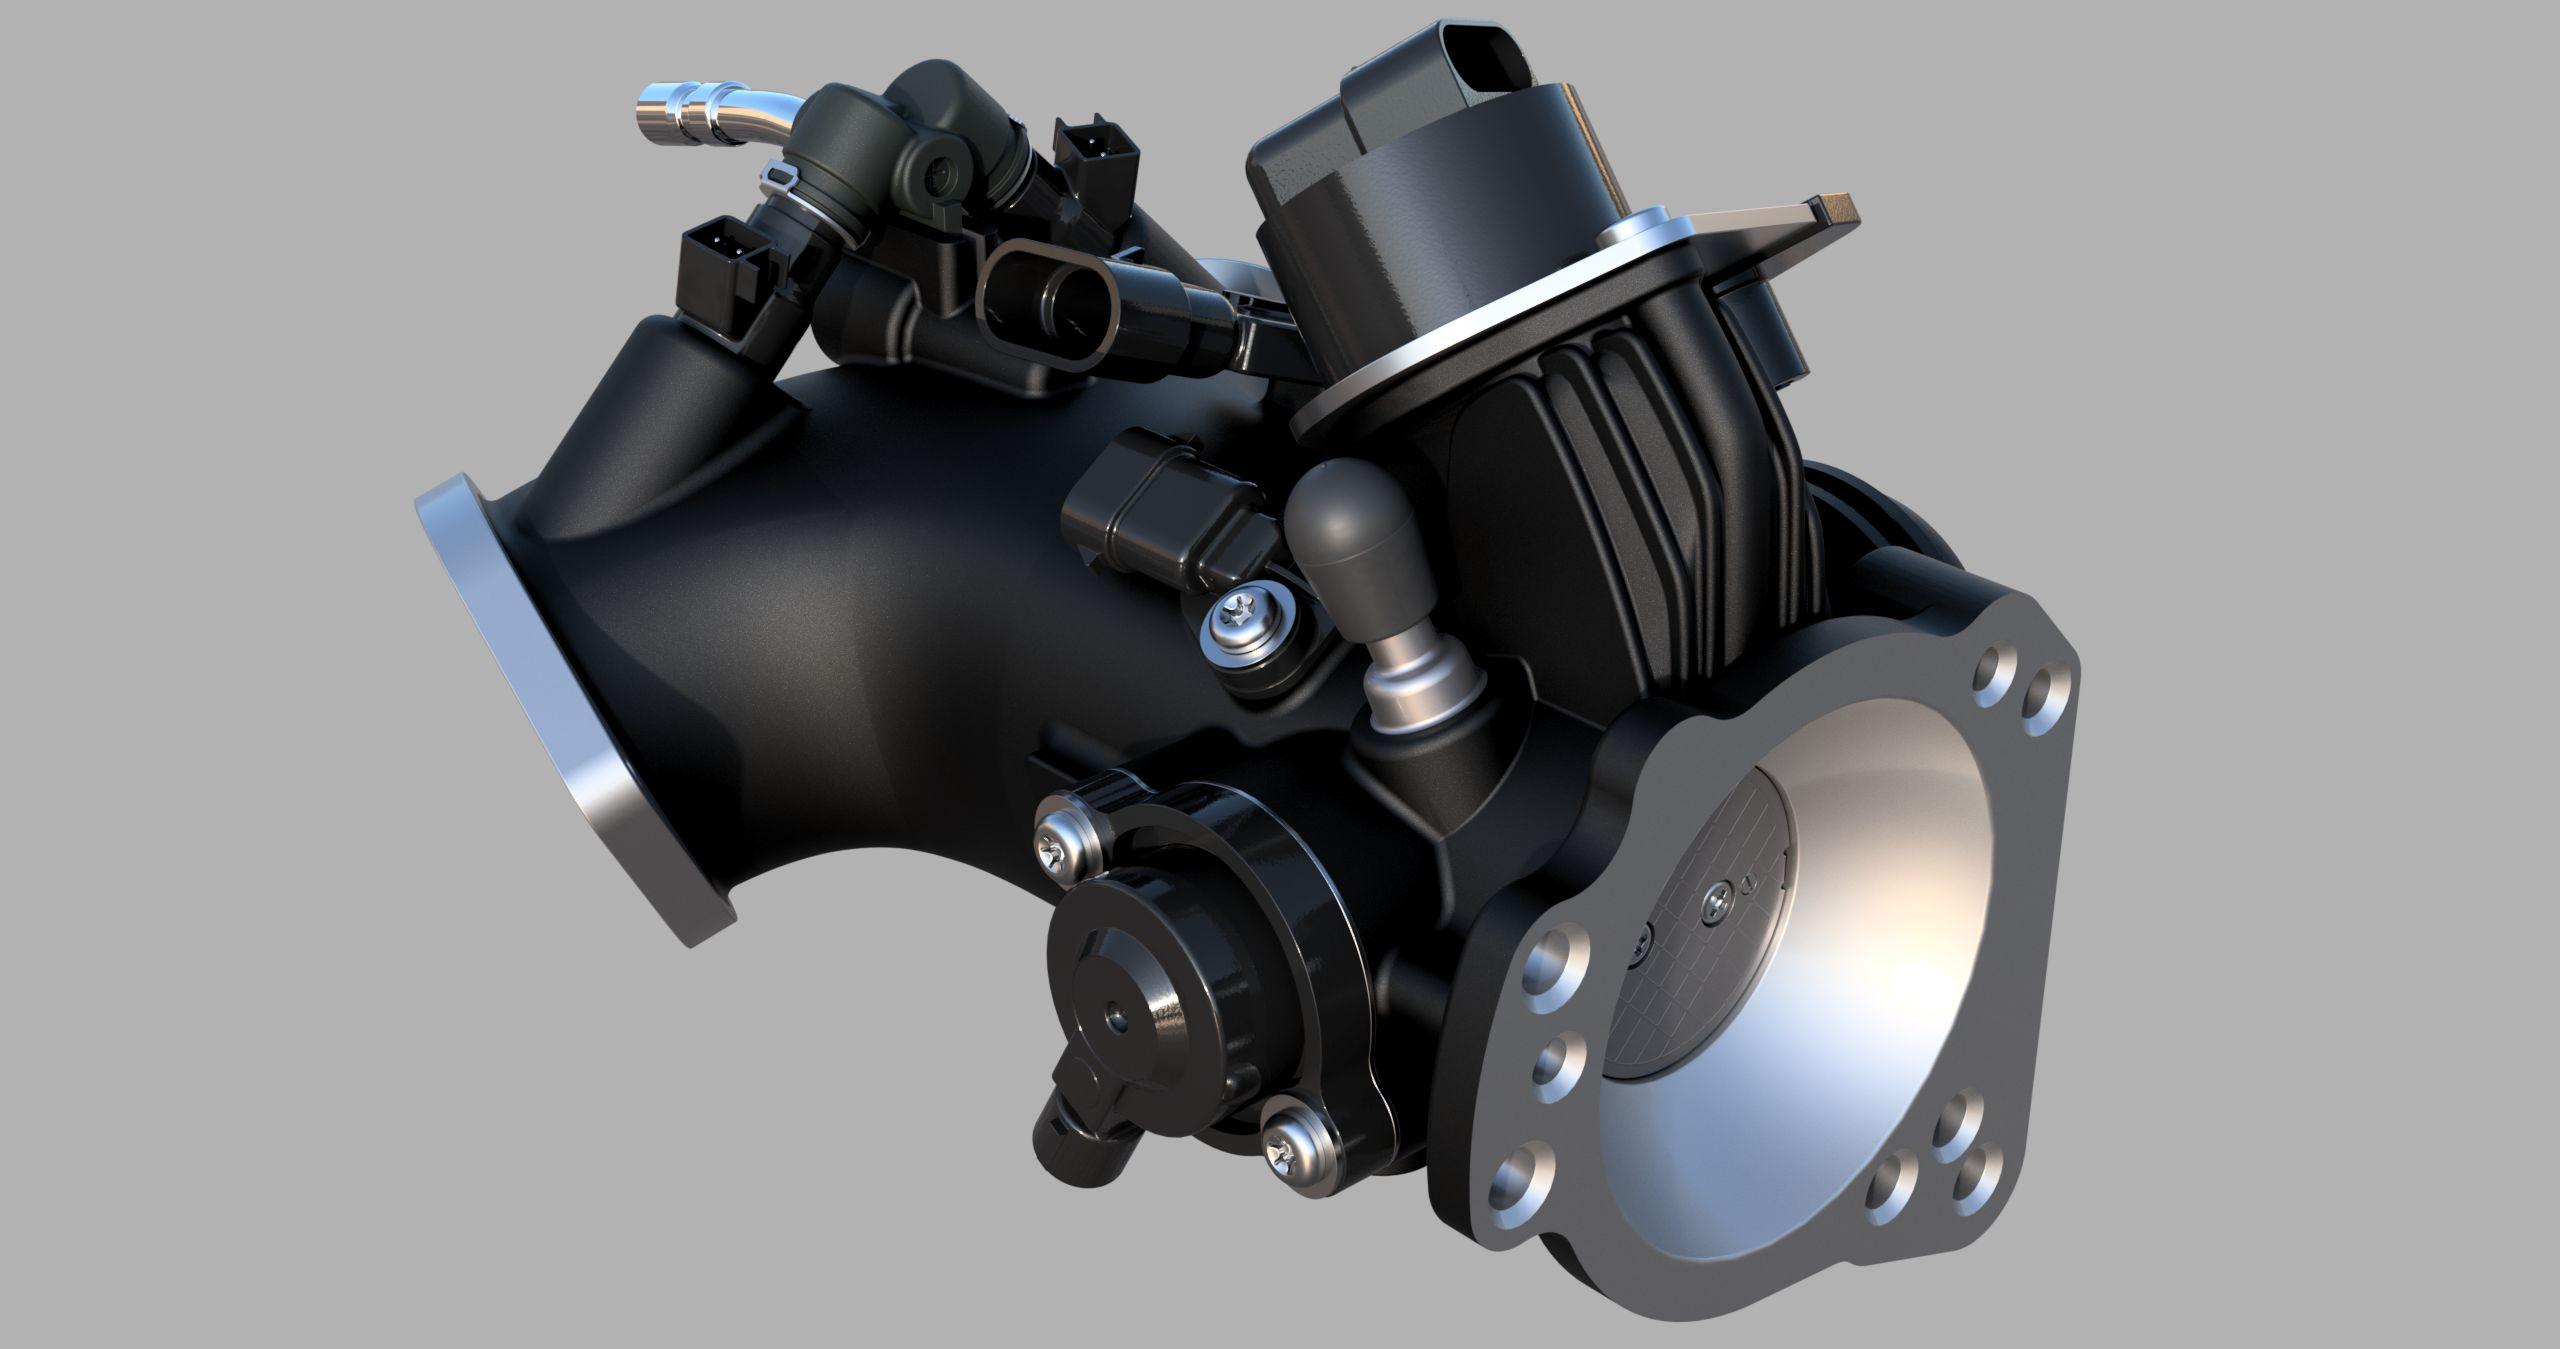 Harley-heritage-inductionmodulethrottlebody-3500-3500